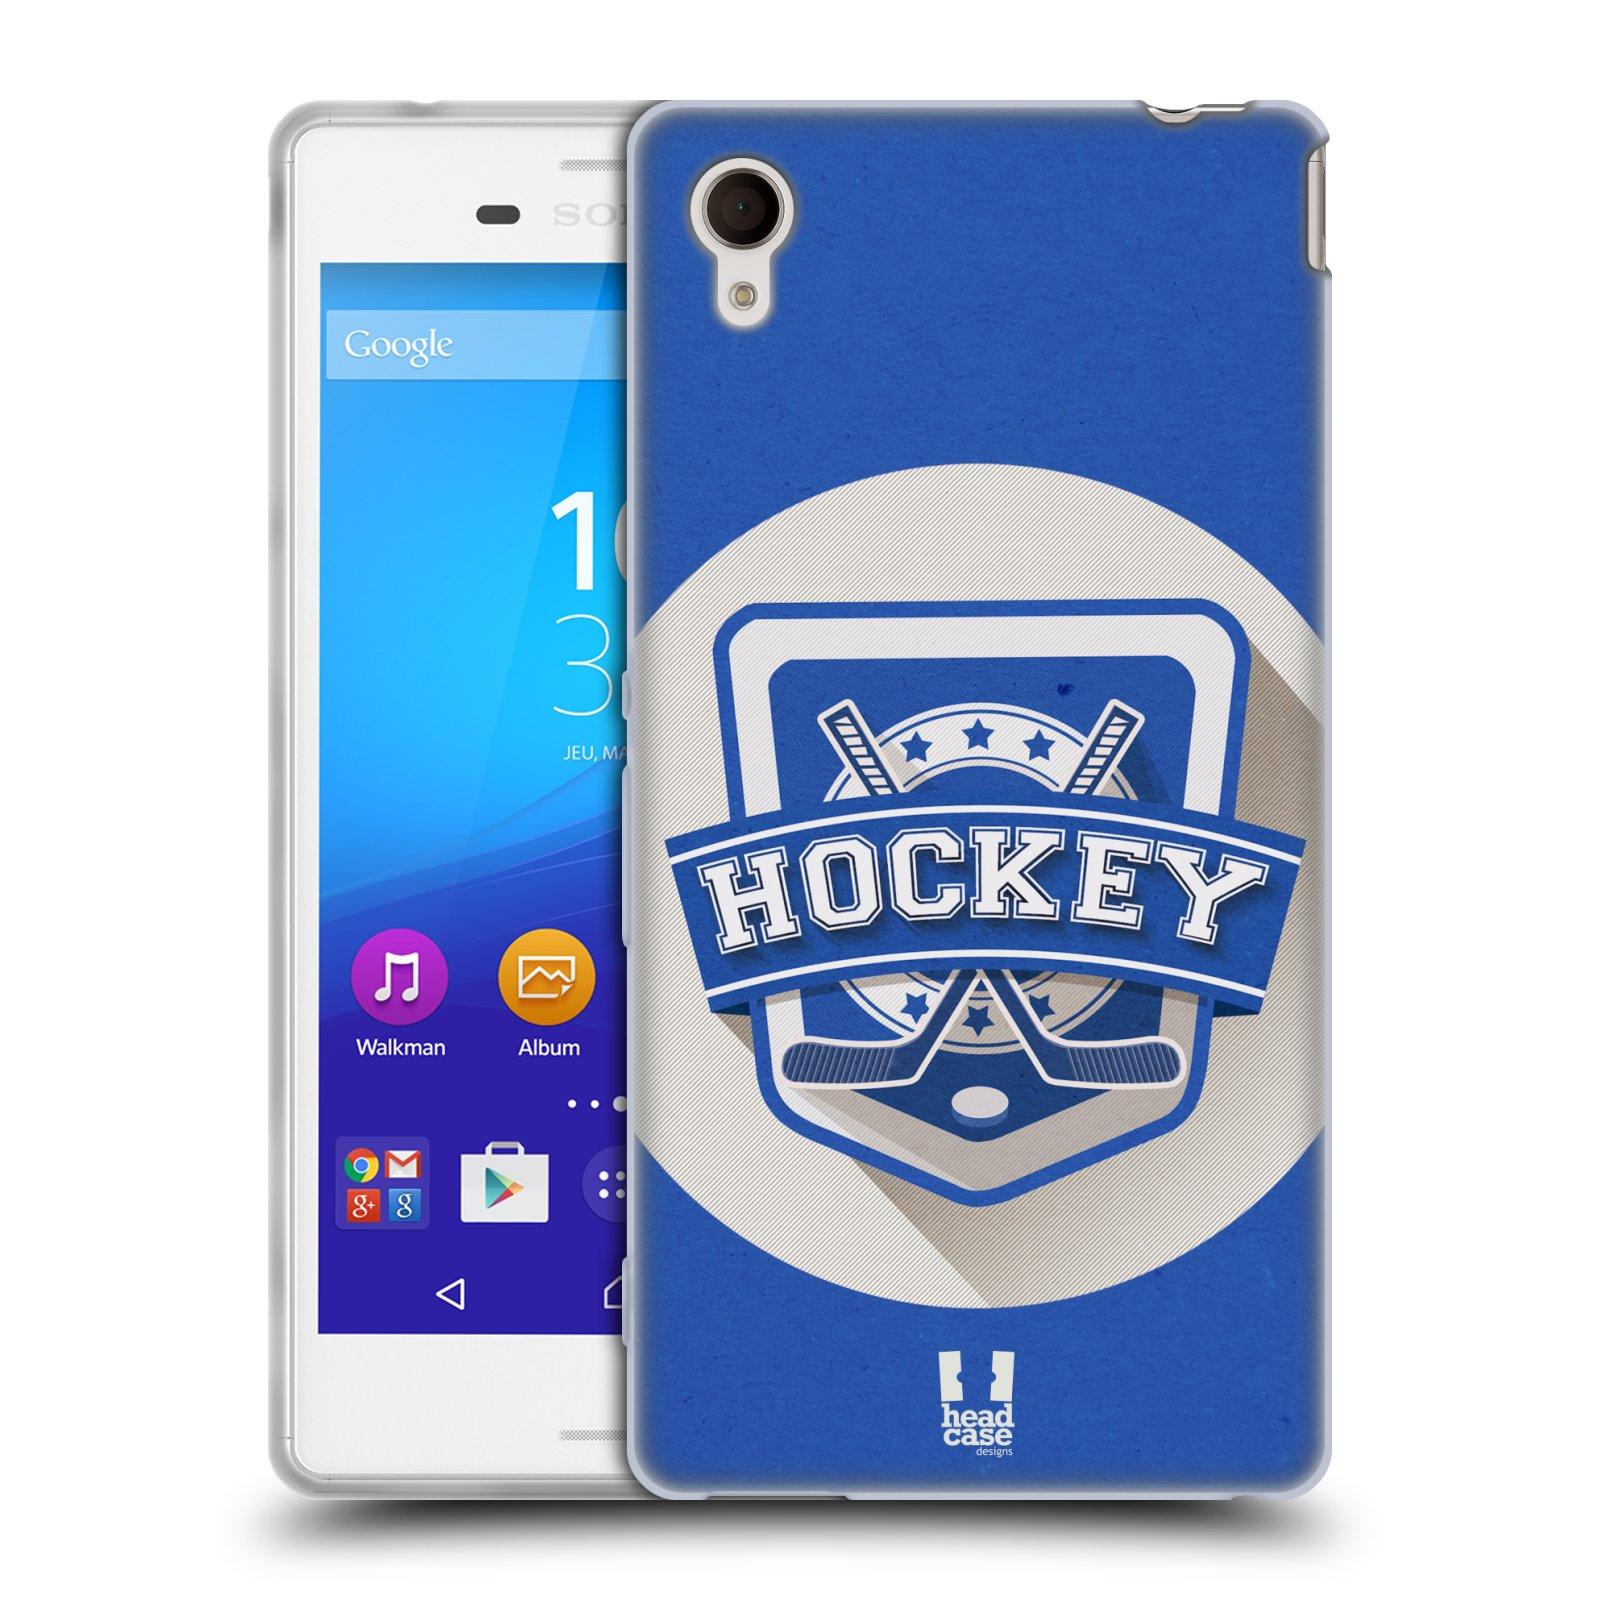 Silikonové pouzdro na mobil Sony Xperia M4 Aqua E2303 HEAD CASE HOKEJ (Silikonový kryt či obal na mobilní telefon Sony Xperia M4 Aqua a M4 Aqua Dual SIM)